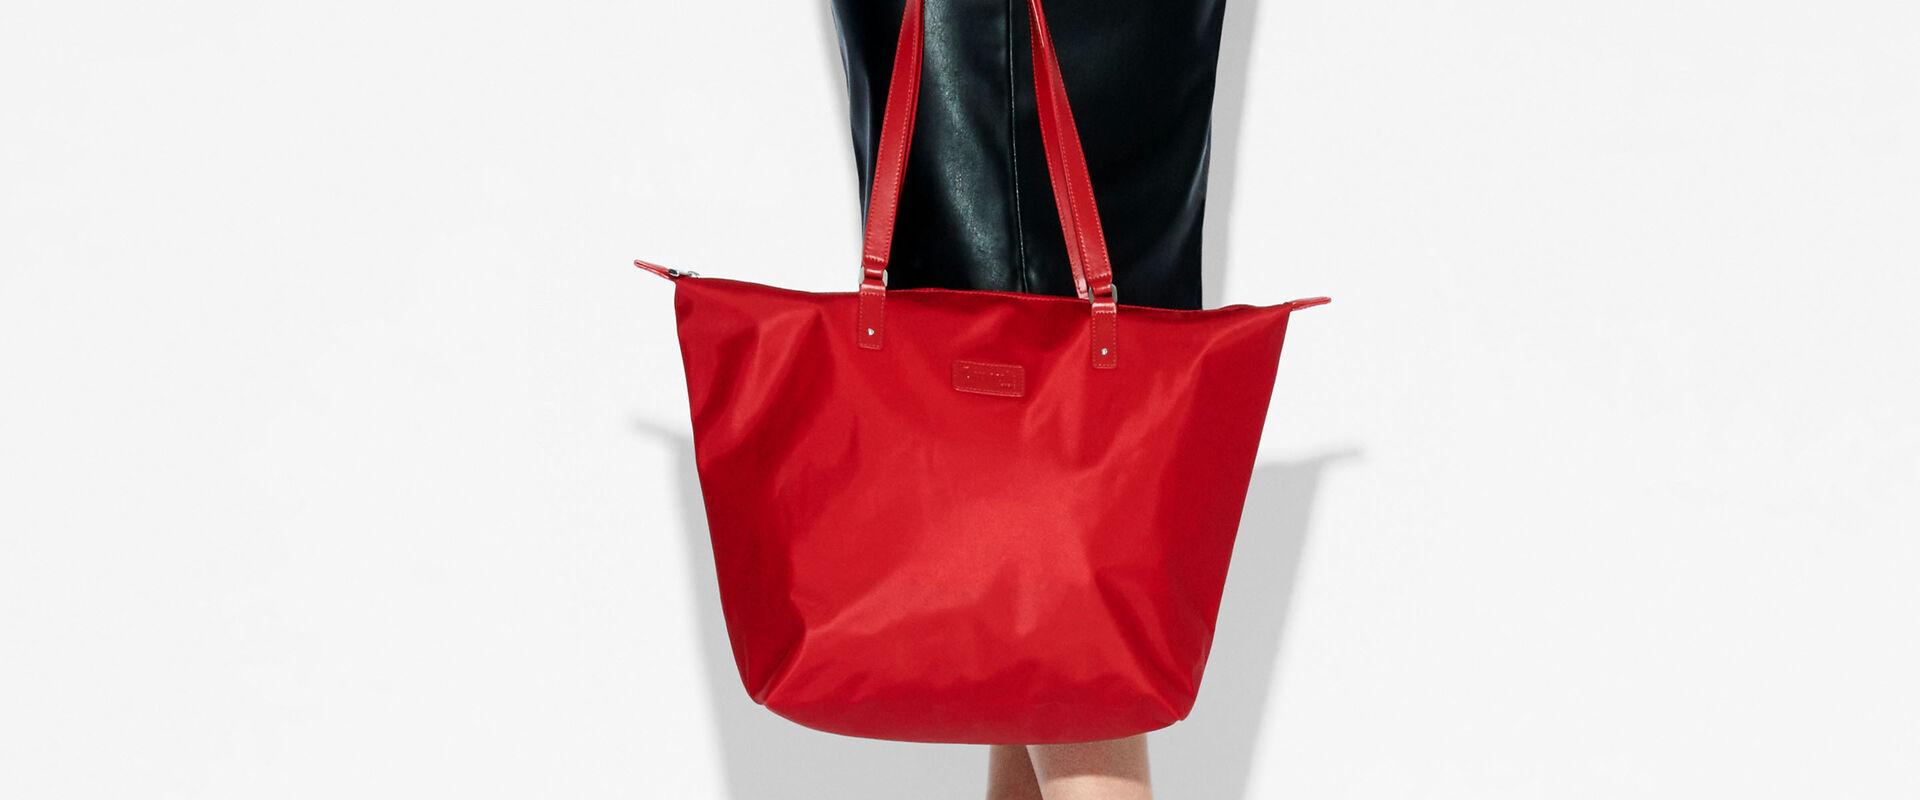 Shopping tassen | Lipault